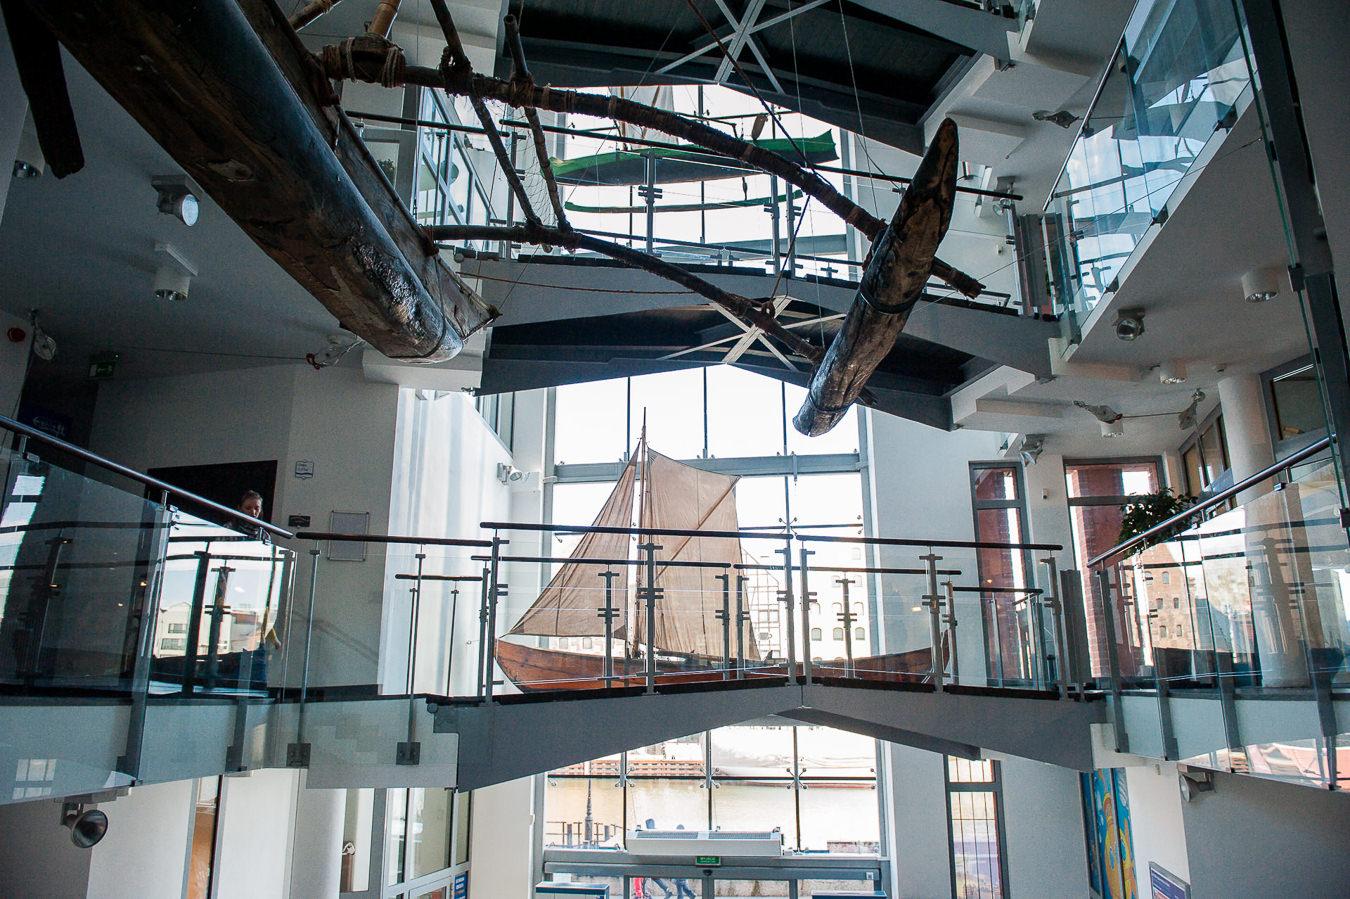 Klatka schodowa wewnątrz budynku Narodowego Muzeum Morskiego w Gdańsku